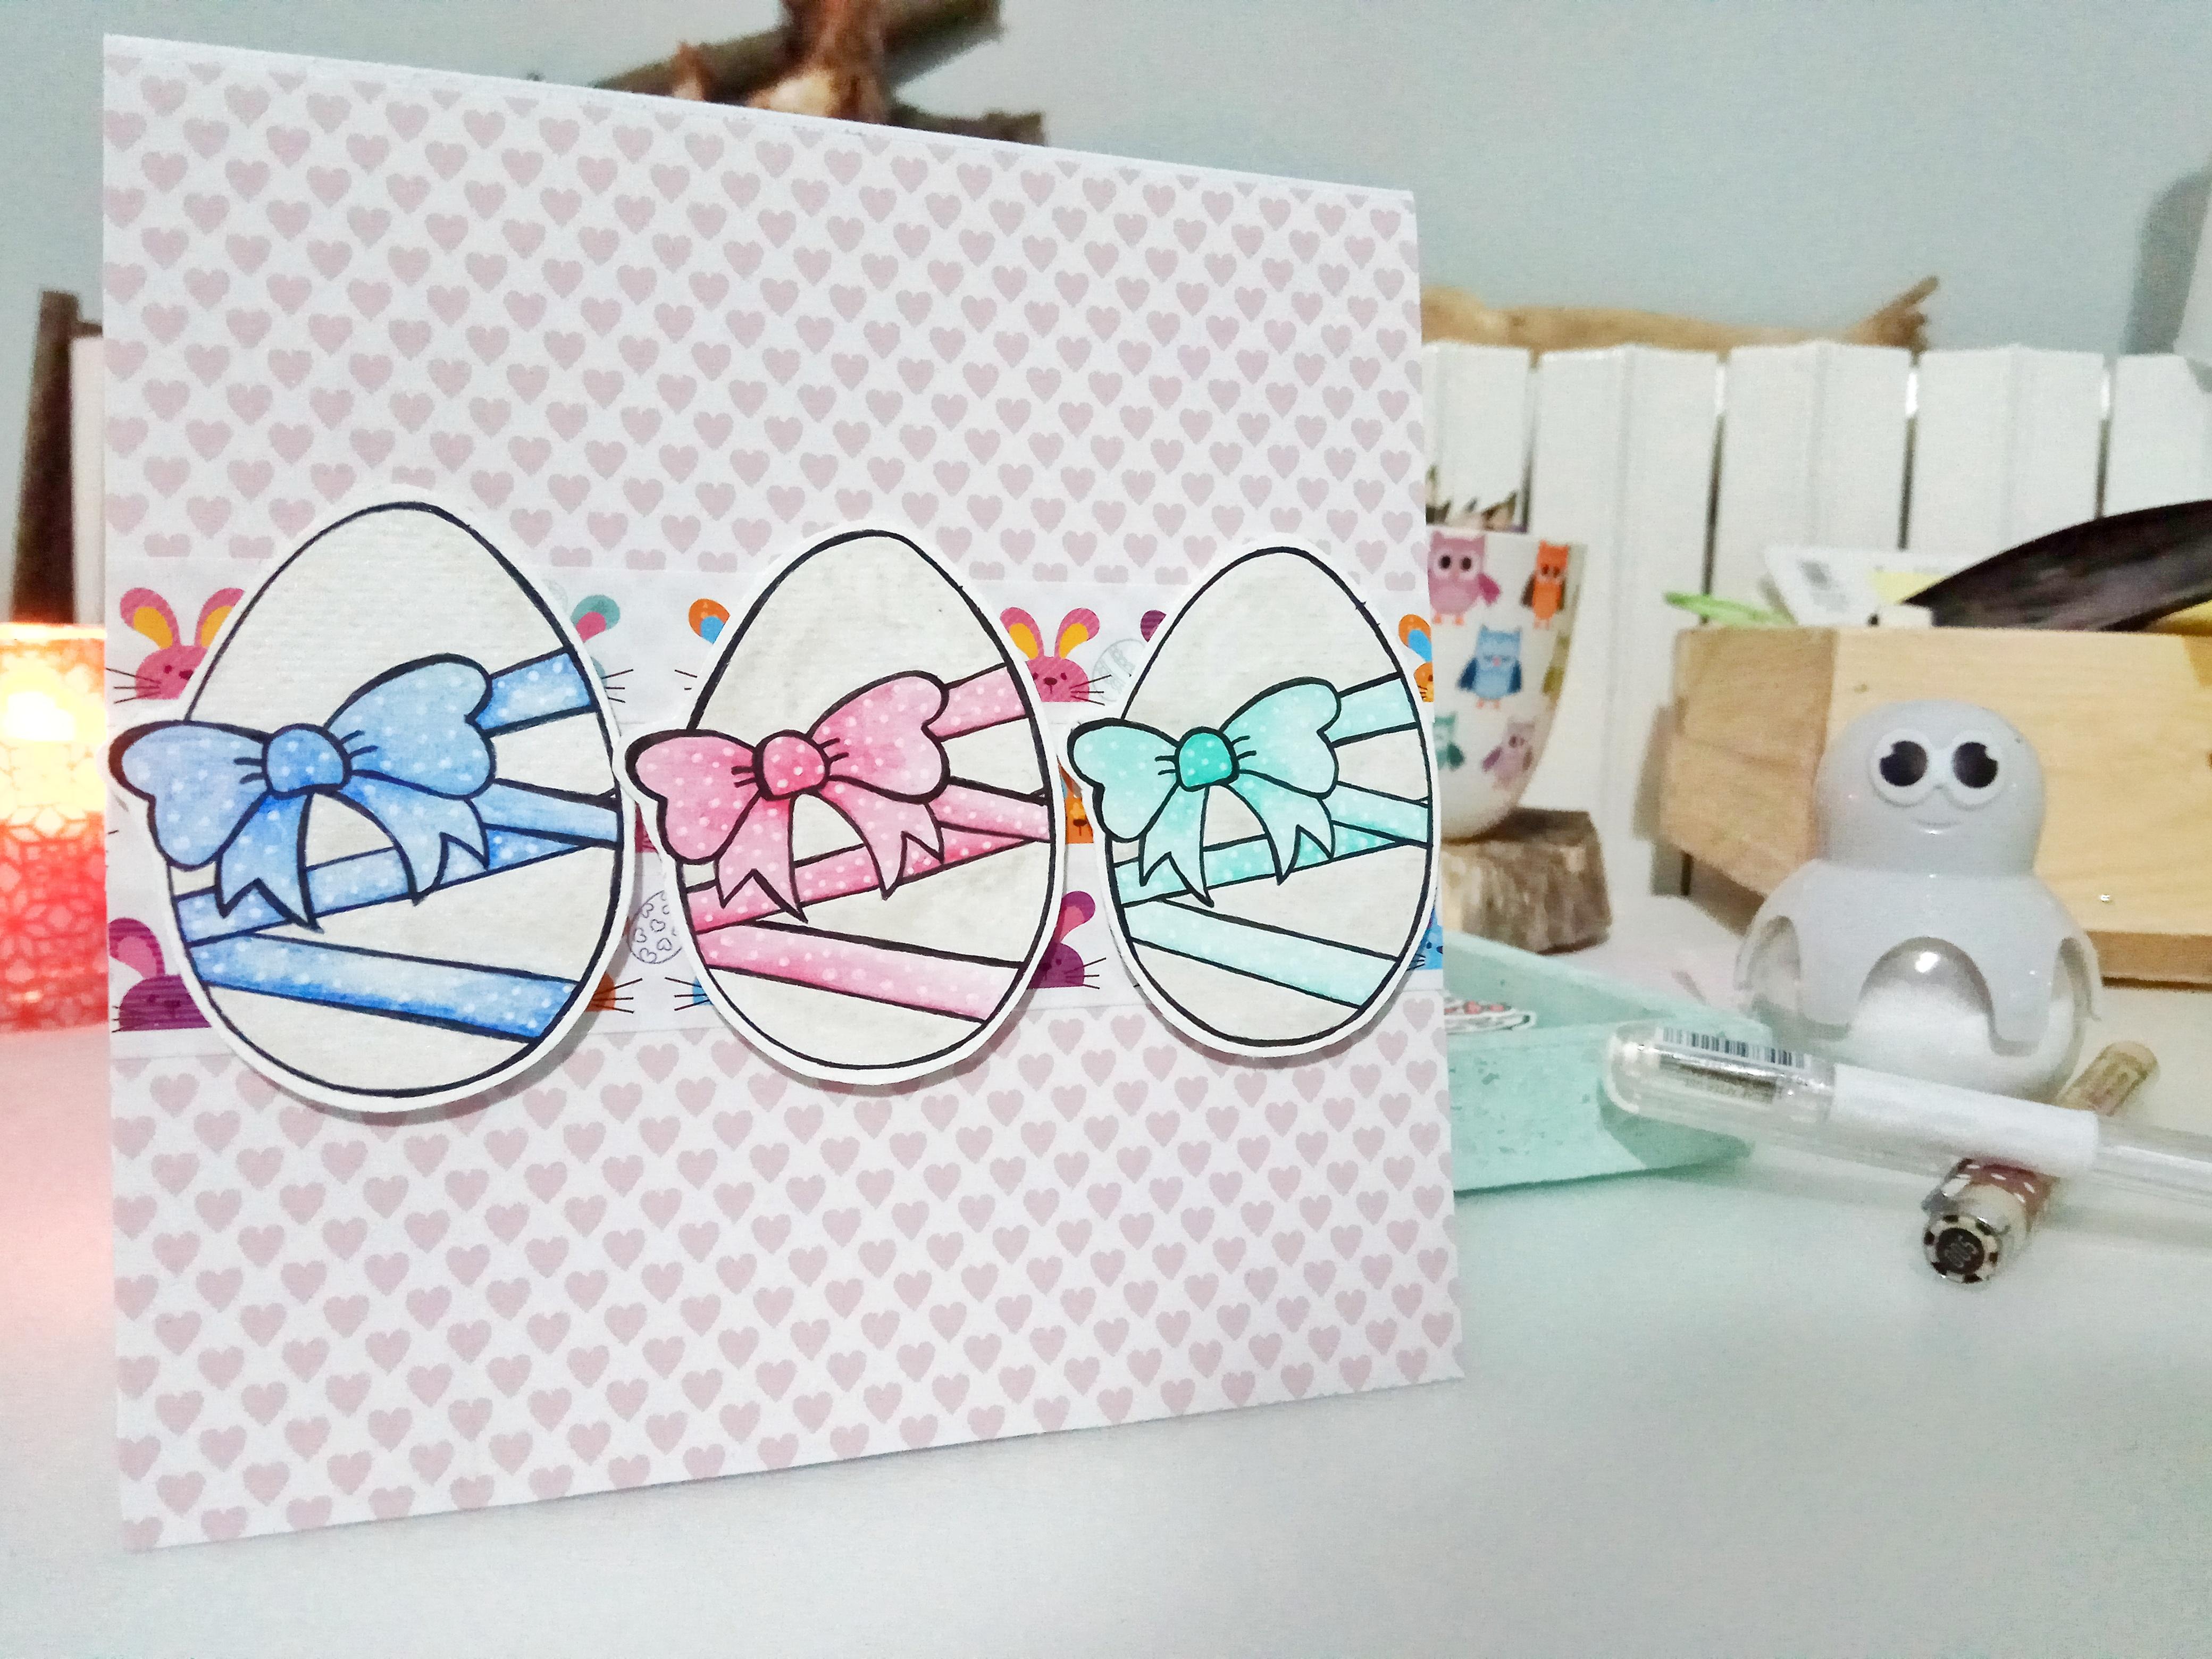 Card di Pasqua con uova su base con pattern a forma di cuori